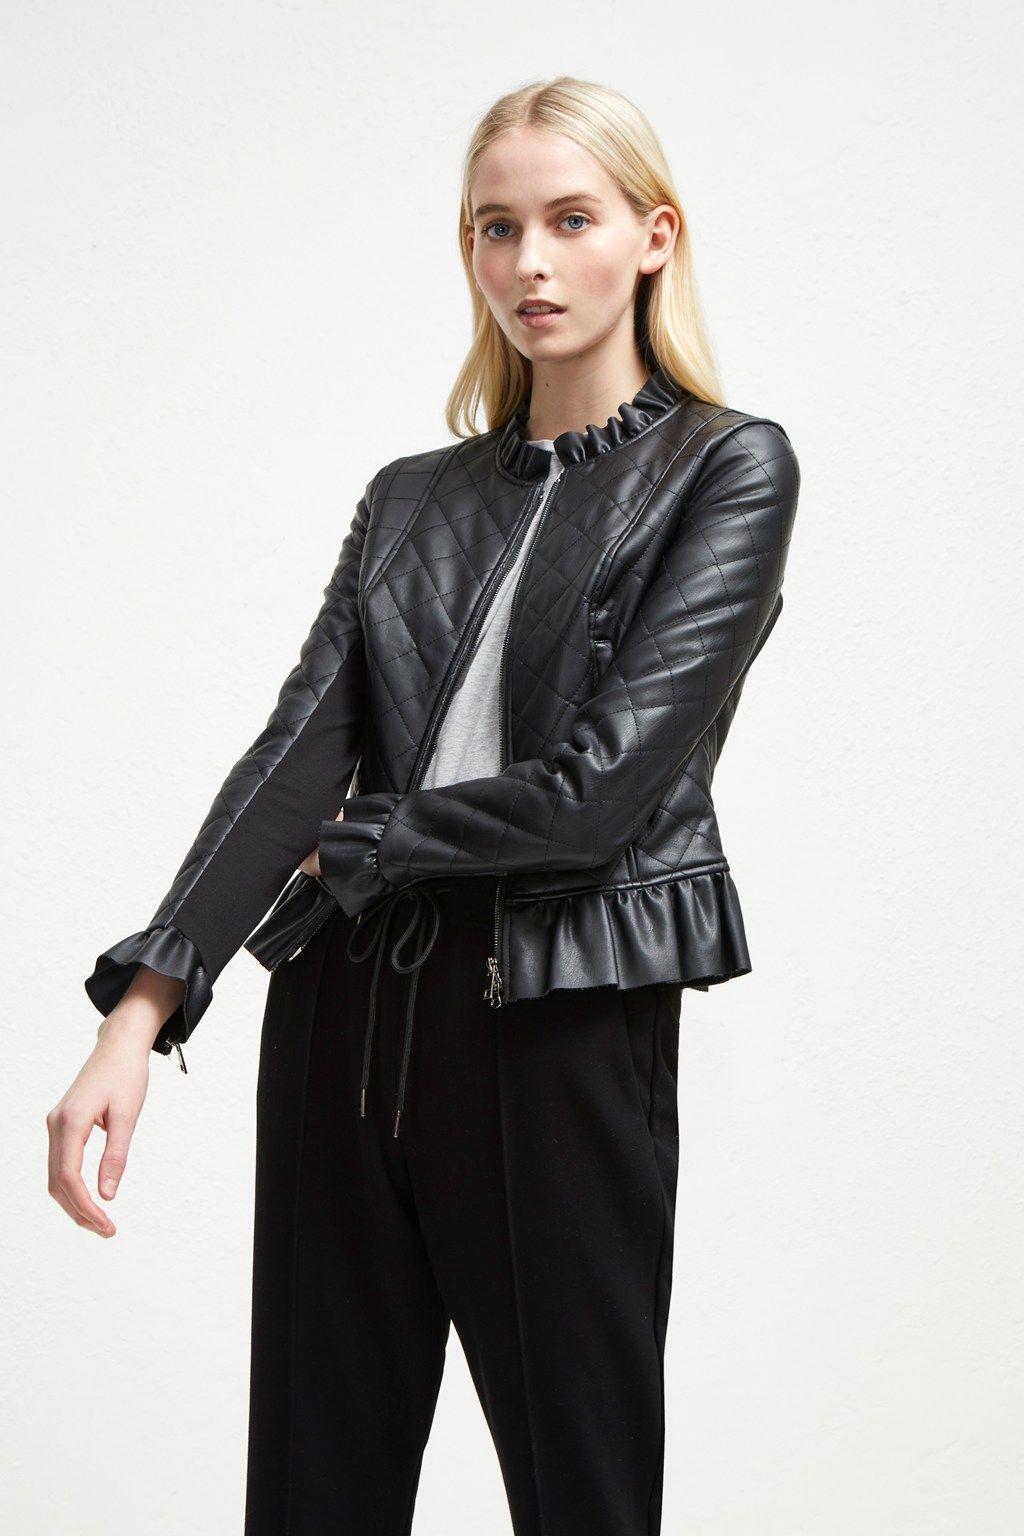 Brishen PU Frill Edge Jacket Leather Jackets French